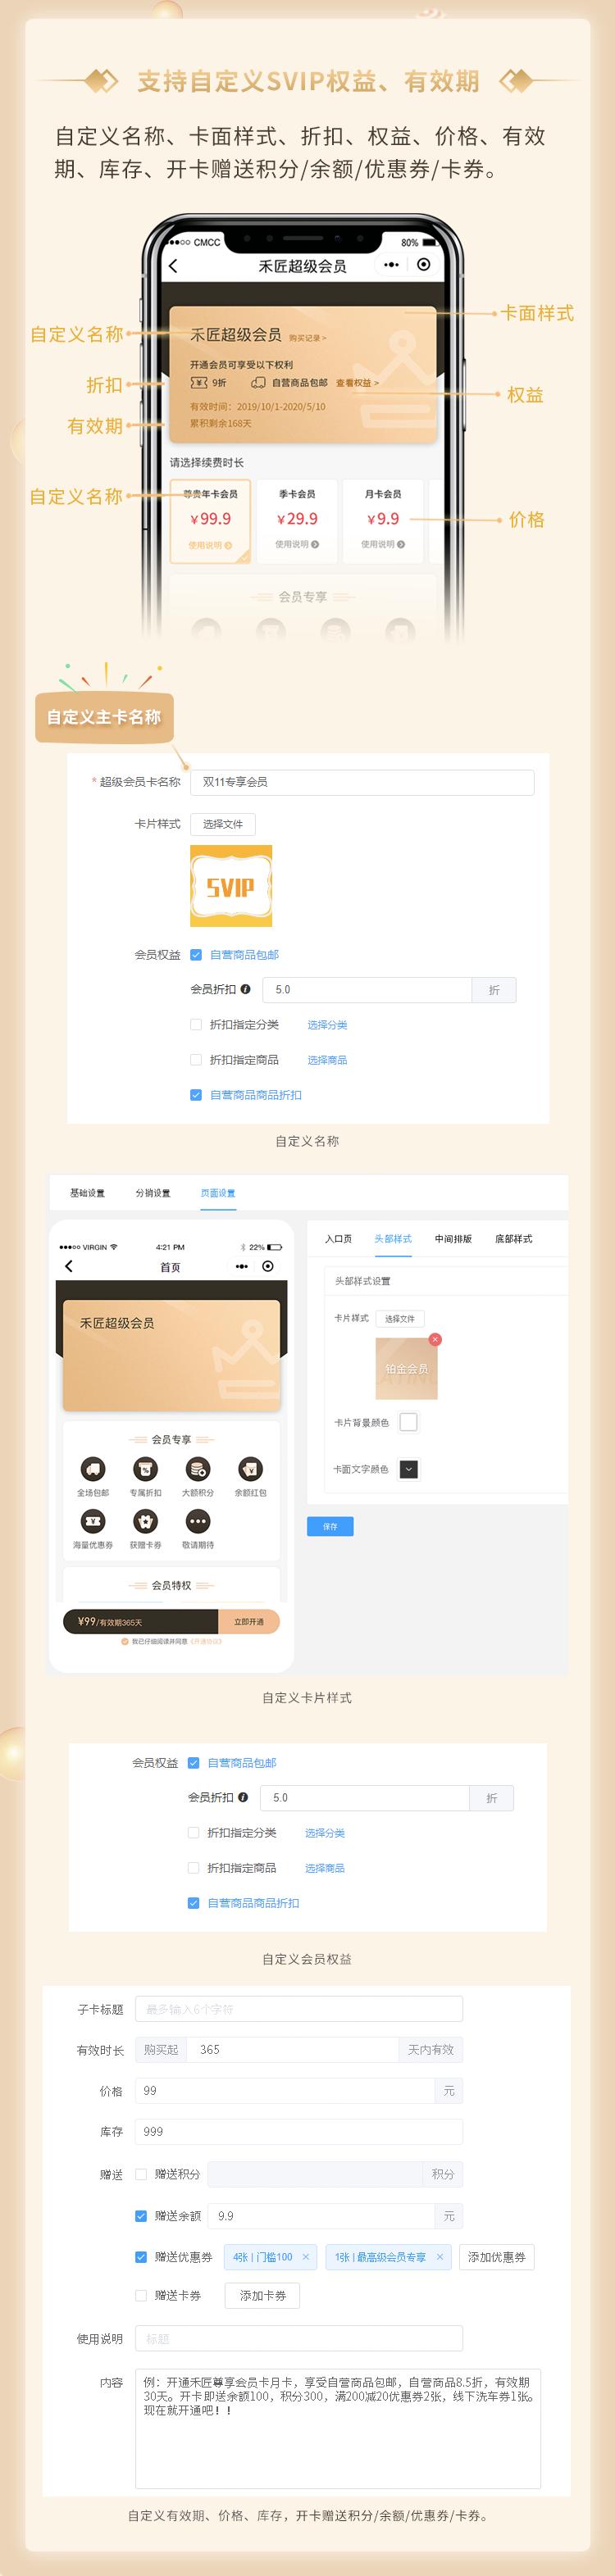 禾匠榜店商城微信&支付宝小程序v4.0.10+前端